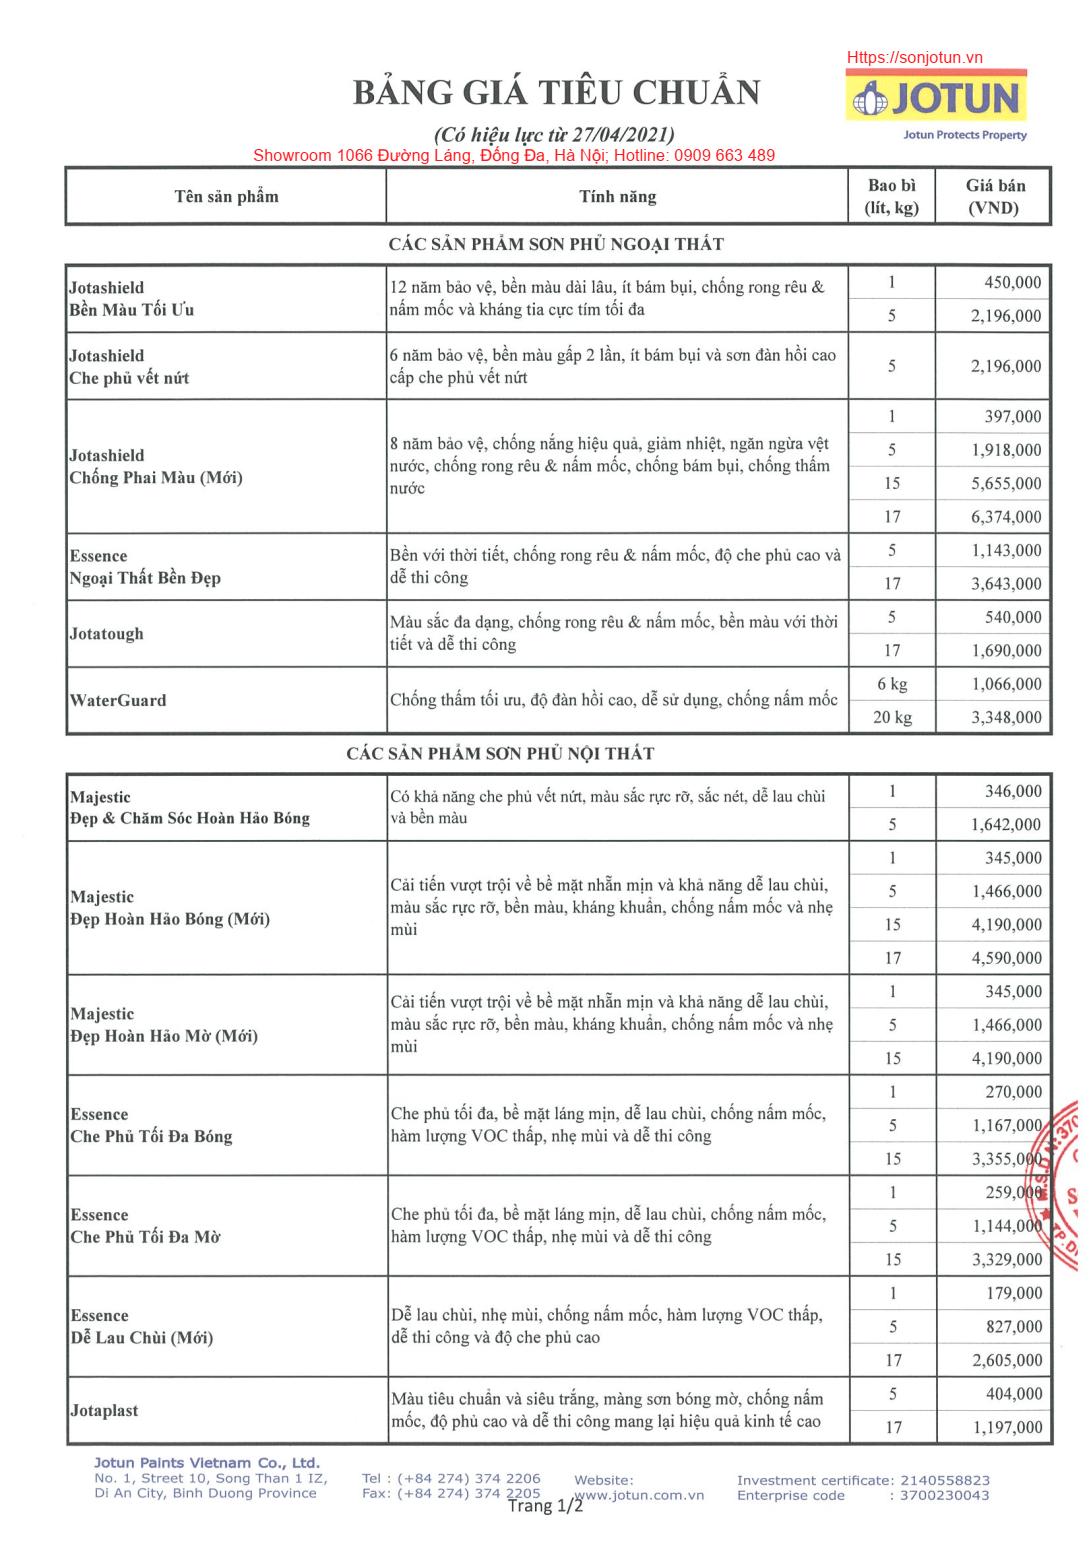 bảng giá sơn Jotun mới nhất 2021, bảng giá gồm 2 trang.